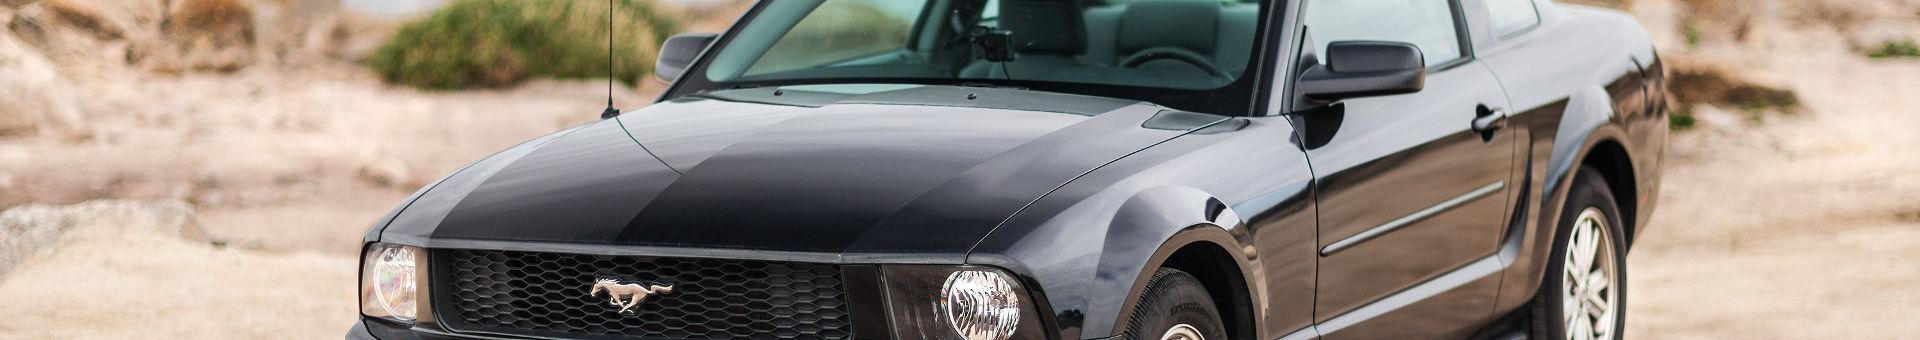 Polepy luxusních aut